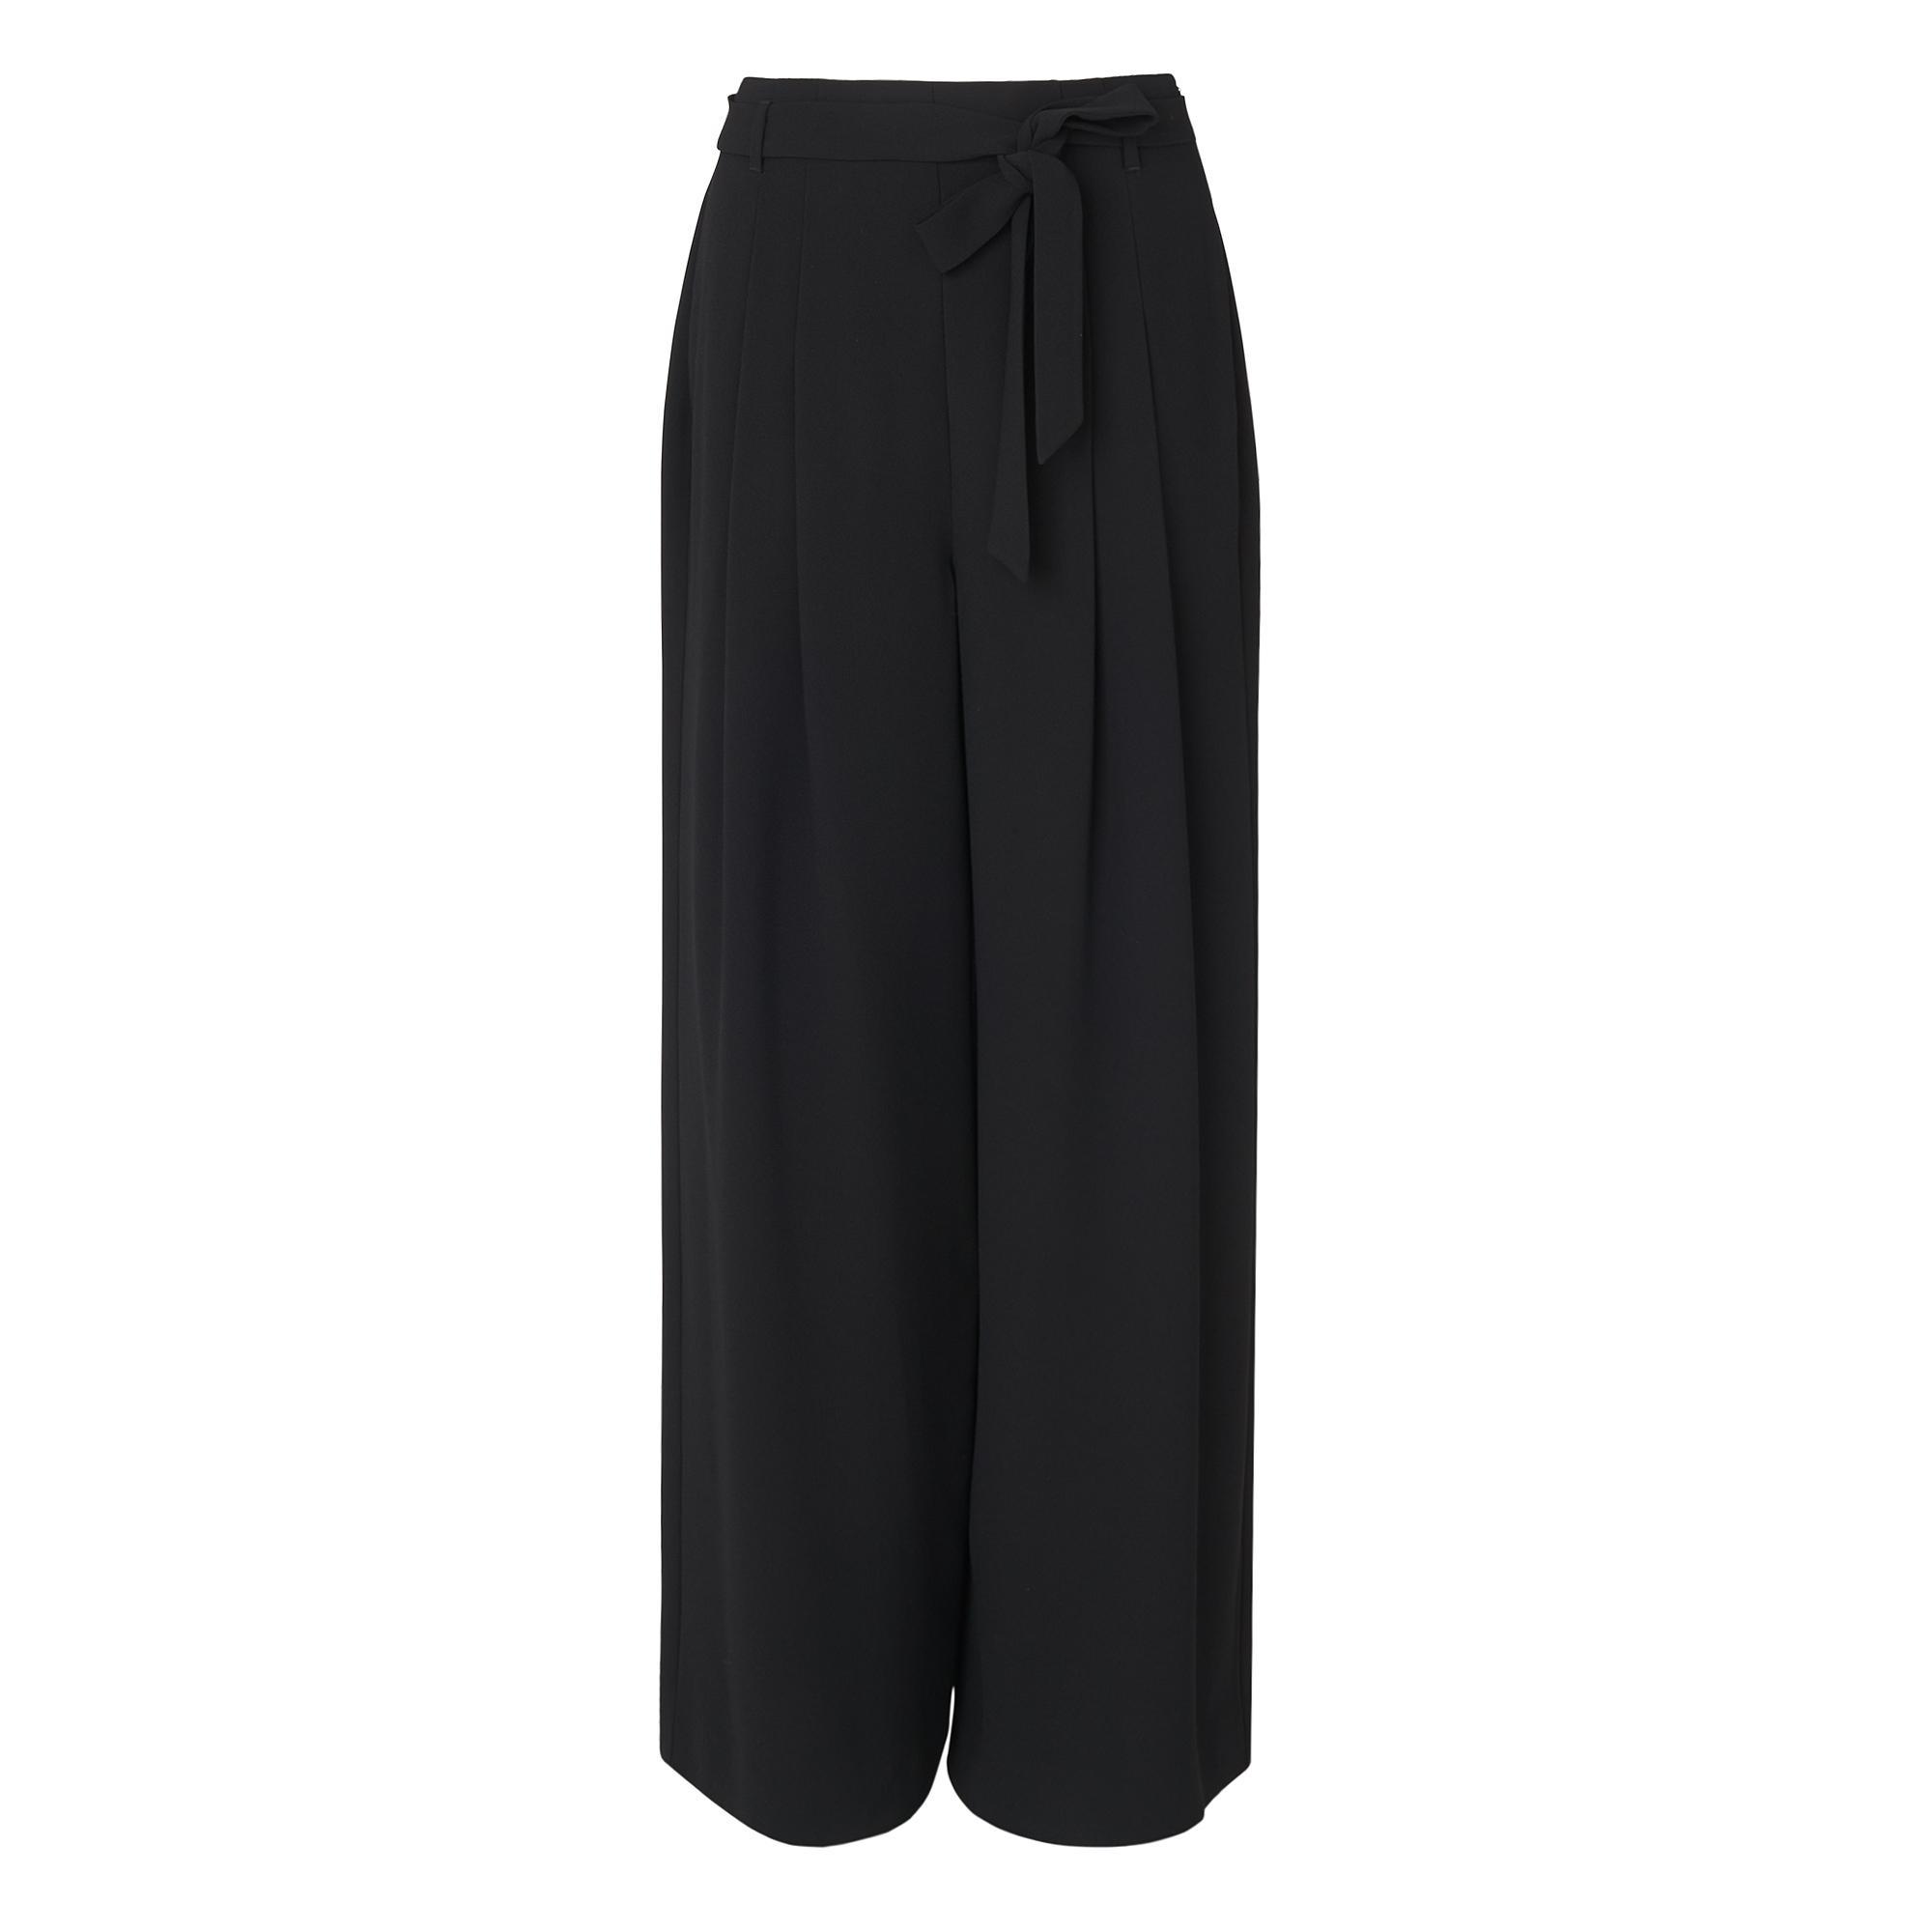 Cora Black Pants